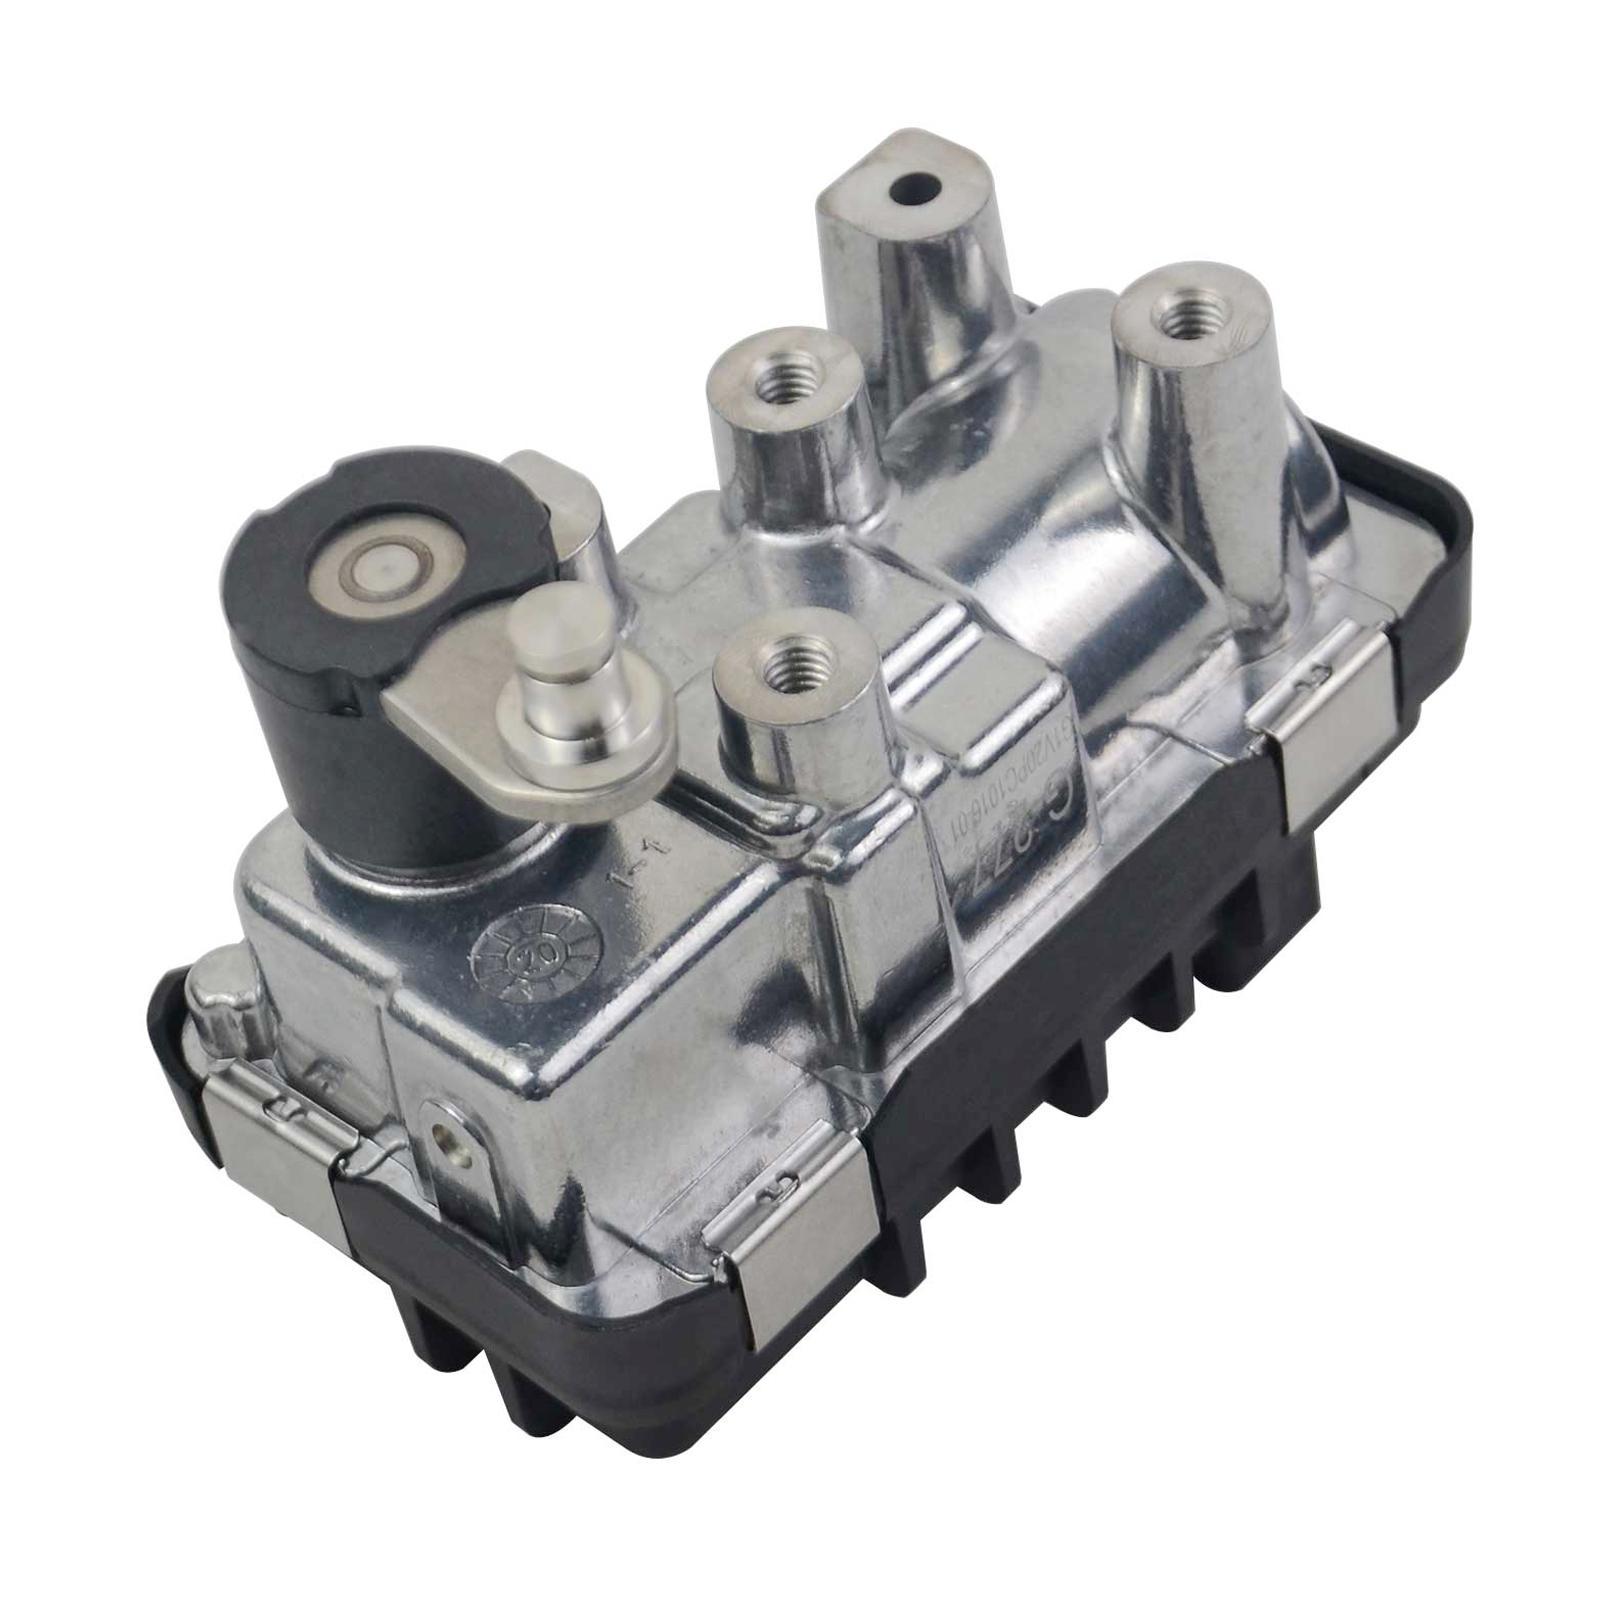 AP02 الإلكترونية توربو المحرك لمرسيدس E280 ML280 R280 CDI 280 CDI + 320 CDI V6 G-219 G-277 765155 6NW008412 6NW009420